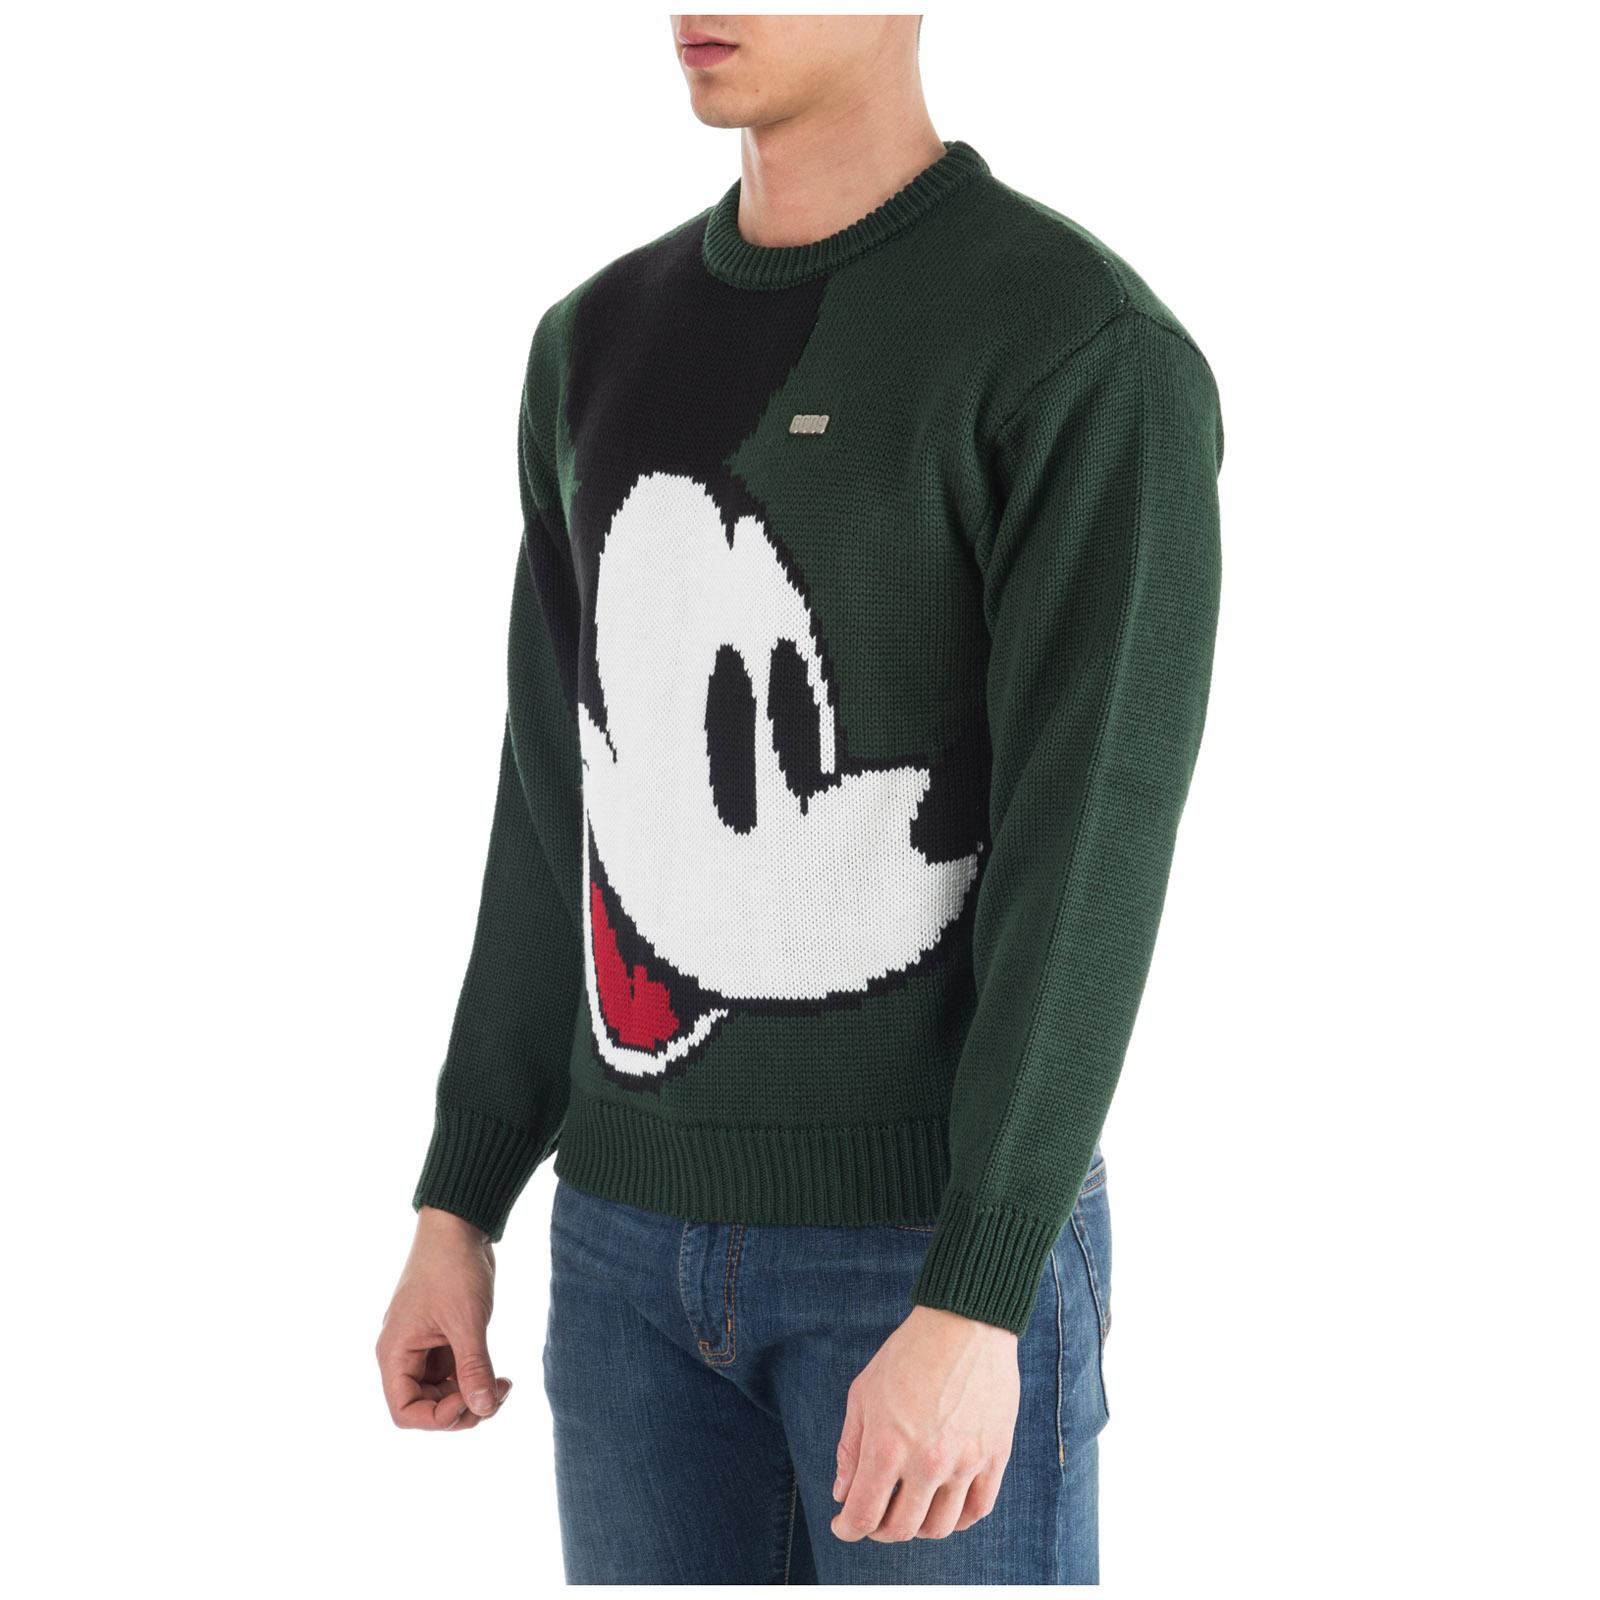 05 Gcds Maglione Mickey Fw19m02dy20 Green Disney Mouse wTqX4pBq